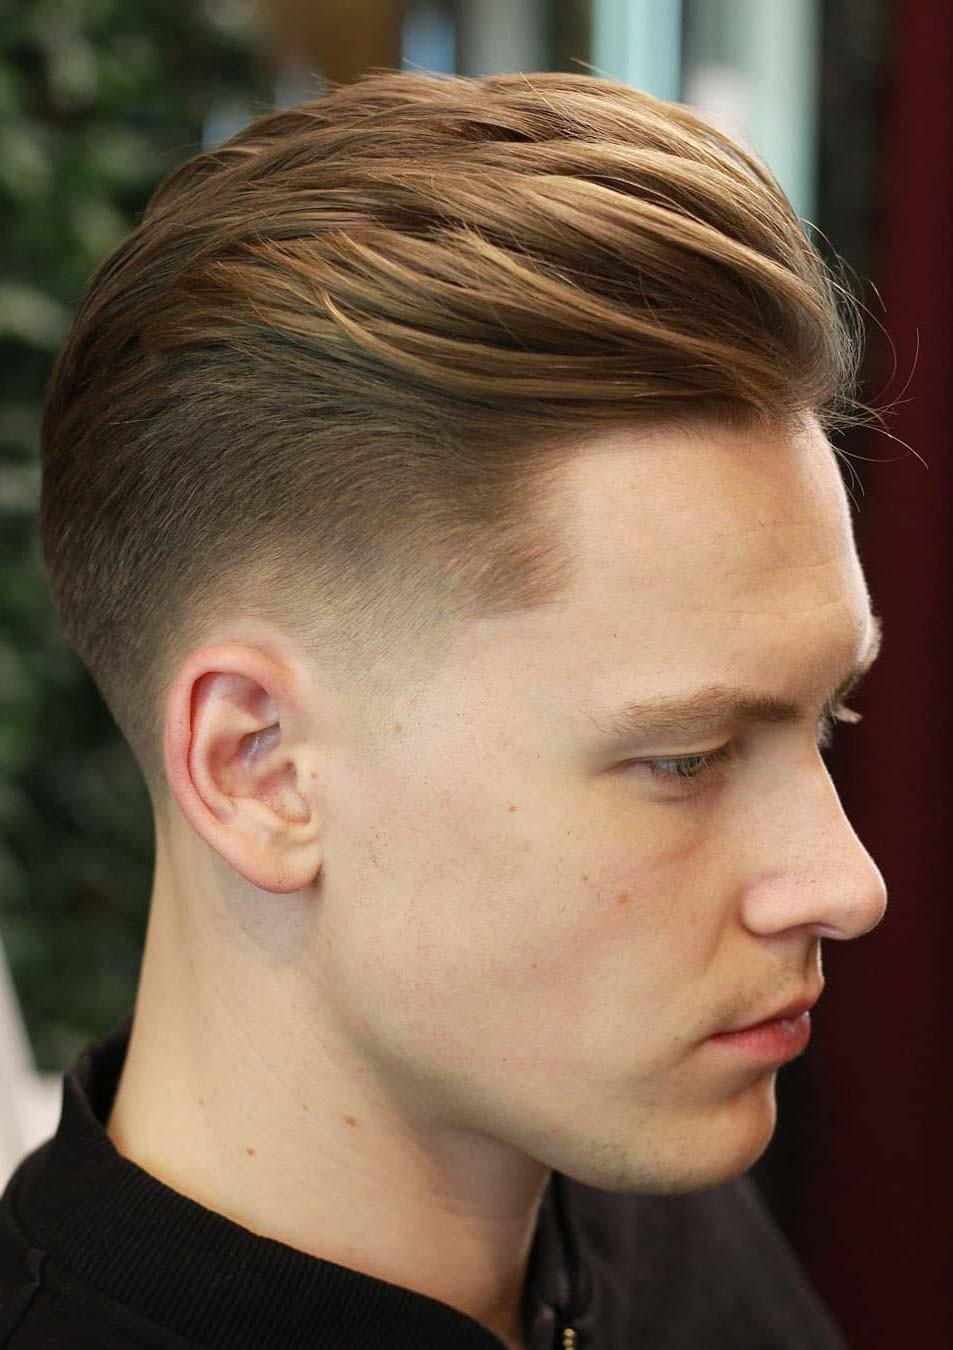 Taper - New York Barbers | Berwick Barber